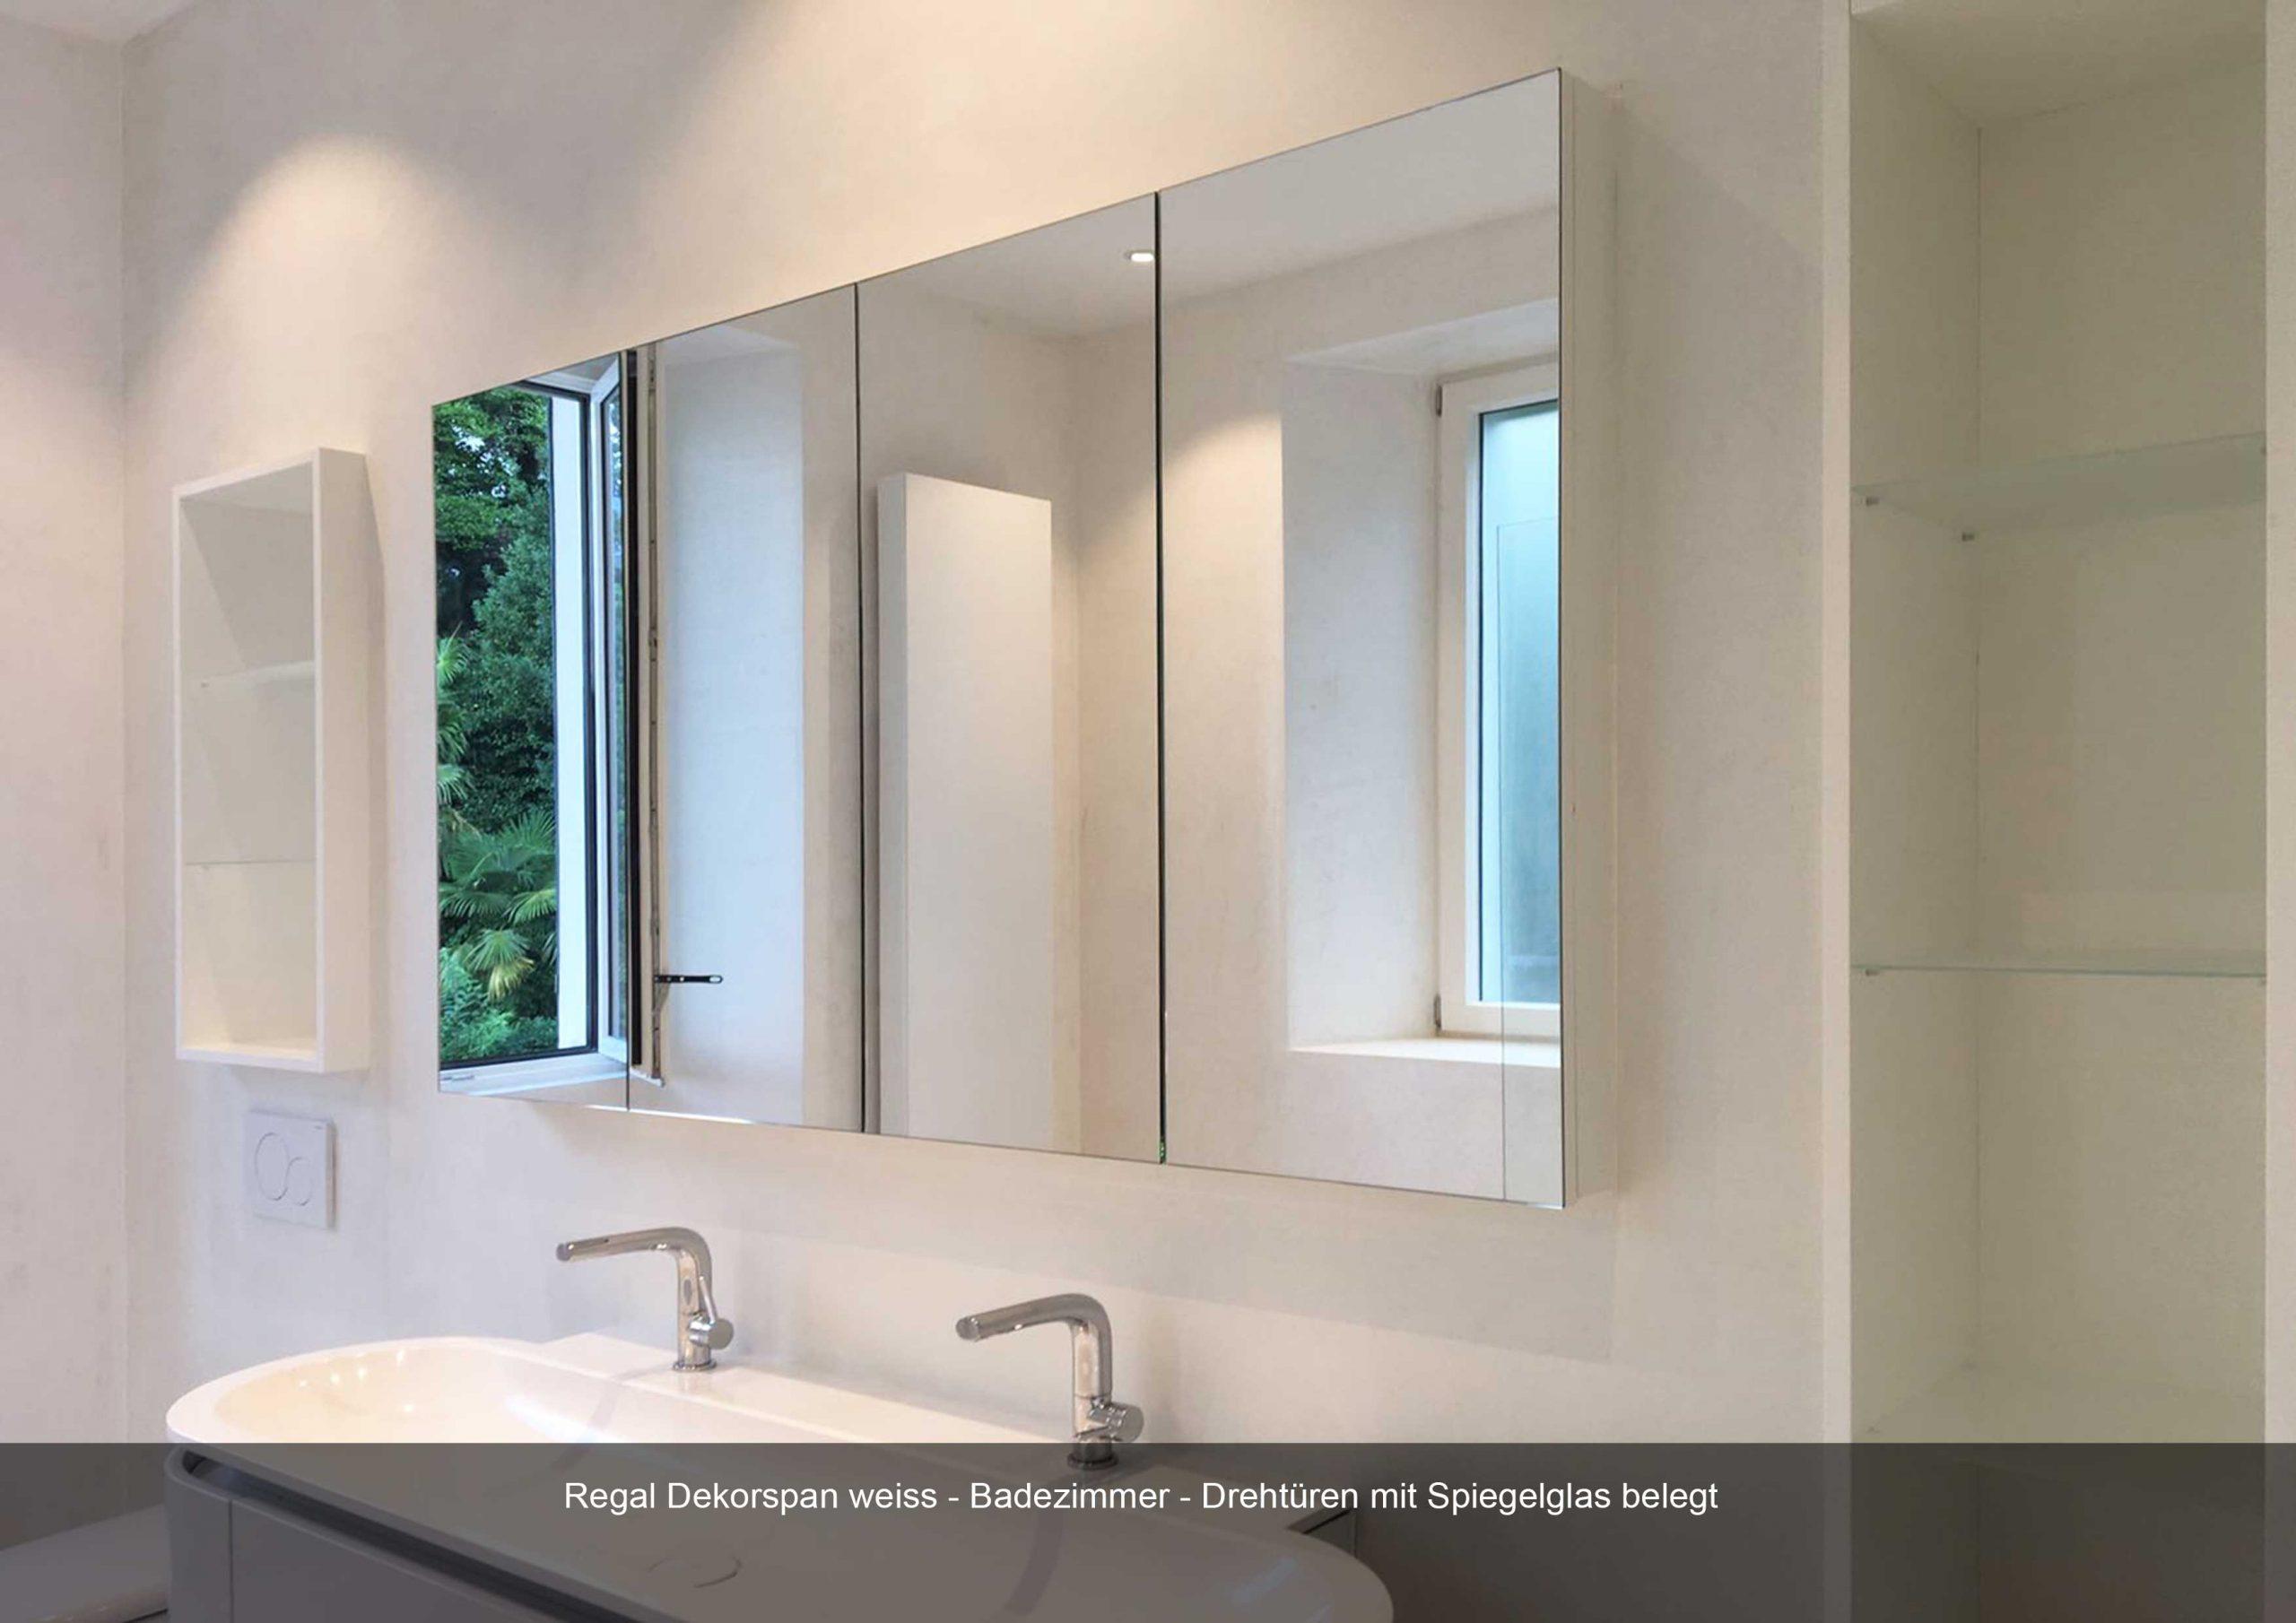 Badezimmer Regal weiss Spiegelglas Drehtüren Dekorspann